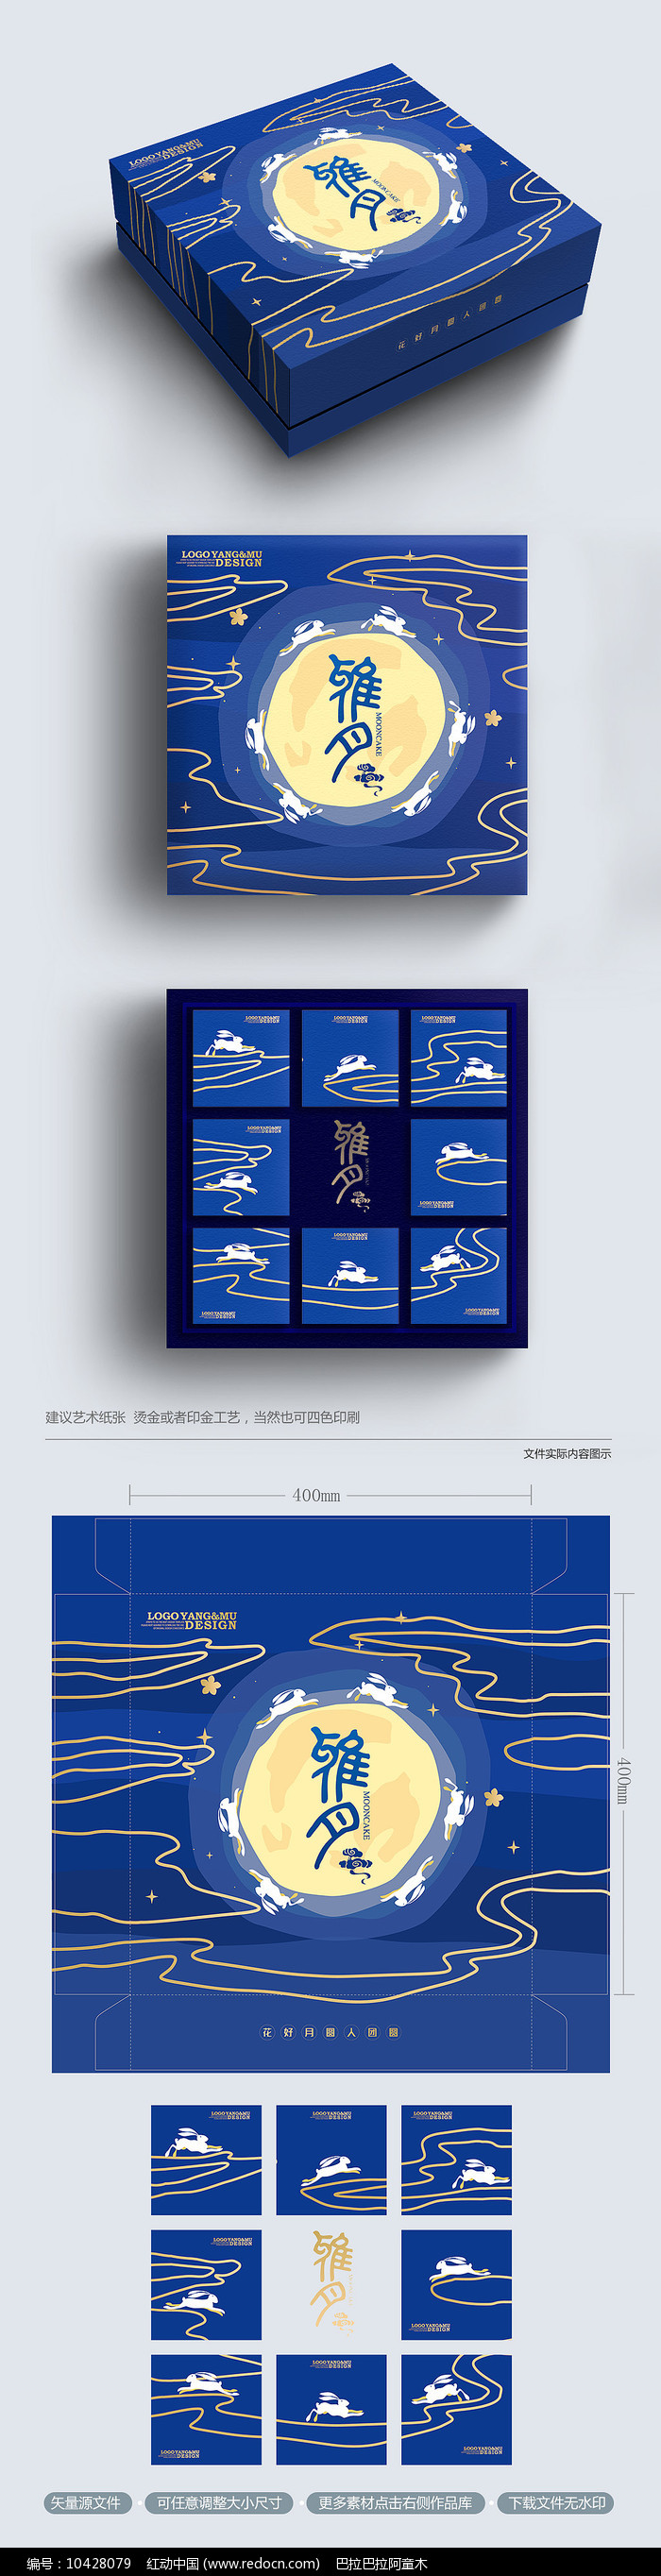 简约时尚高档中秋月饼礼盒包装图片